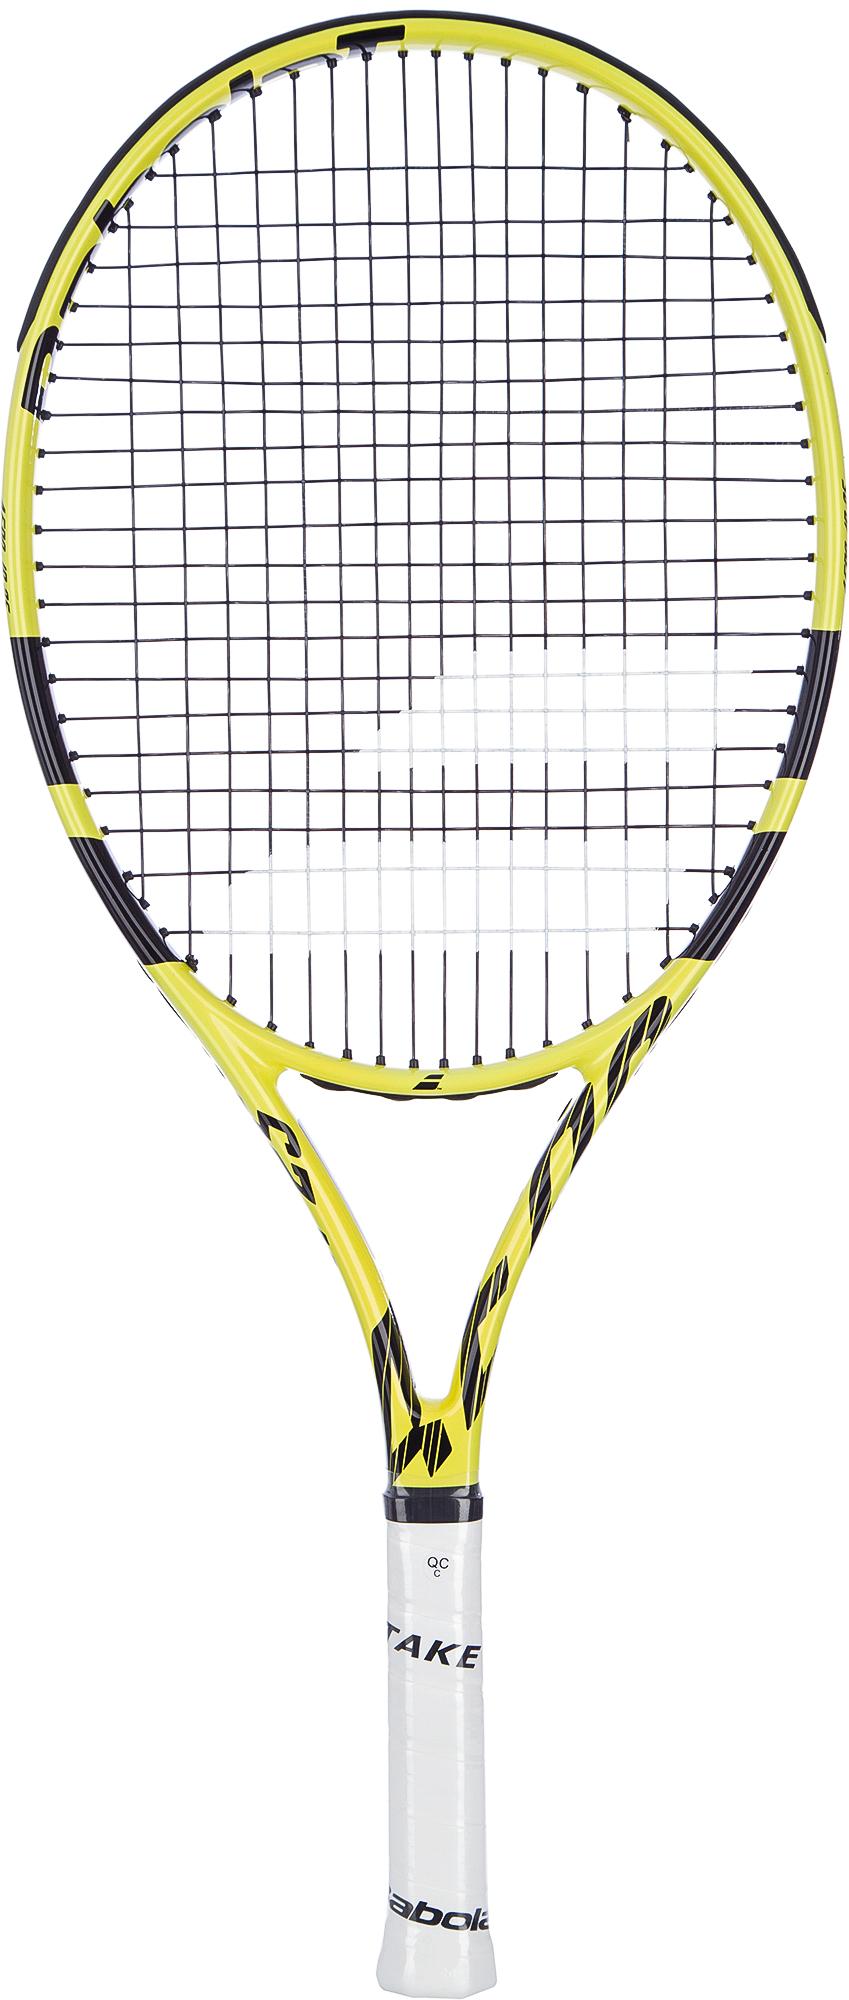 Babolat Ракетка для большого тенниса детская Babolat AERO JUNIOR 25 babolat ракетка для большого тенниса детская babolat ballfighter 23